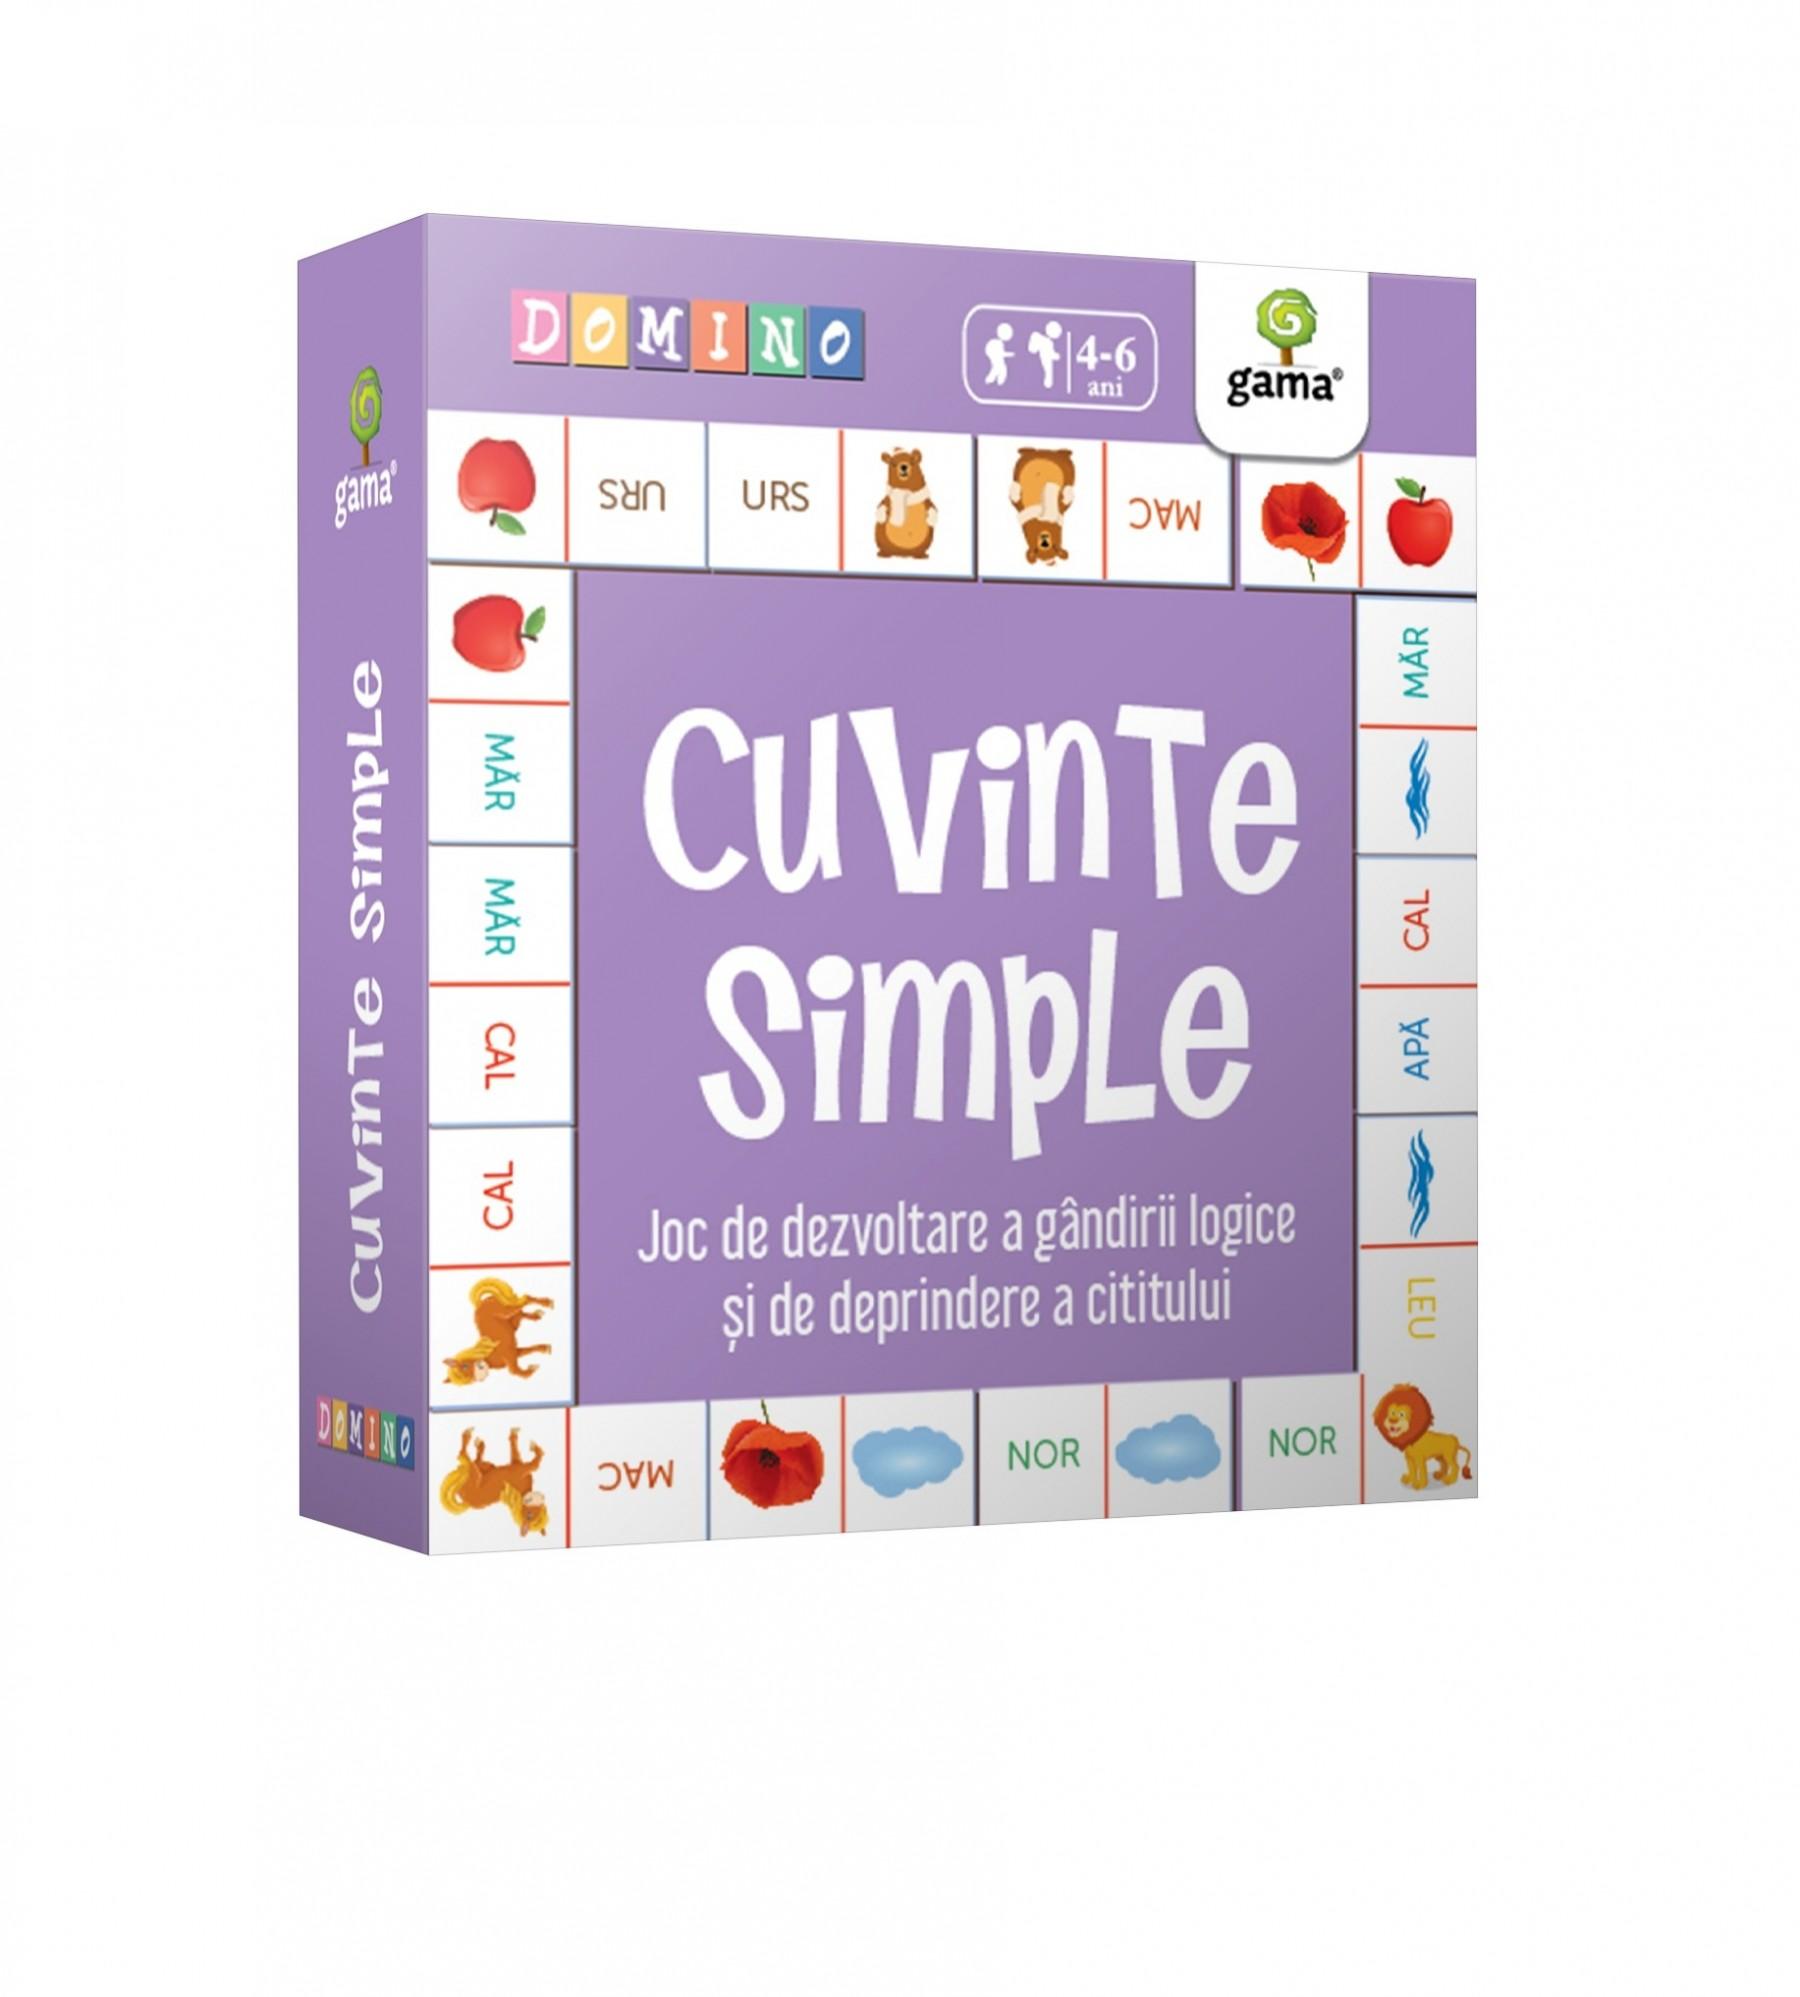 cutie_cuvinte_simple_domino